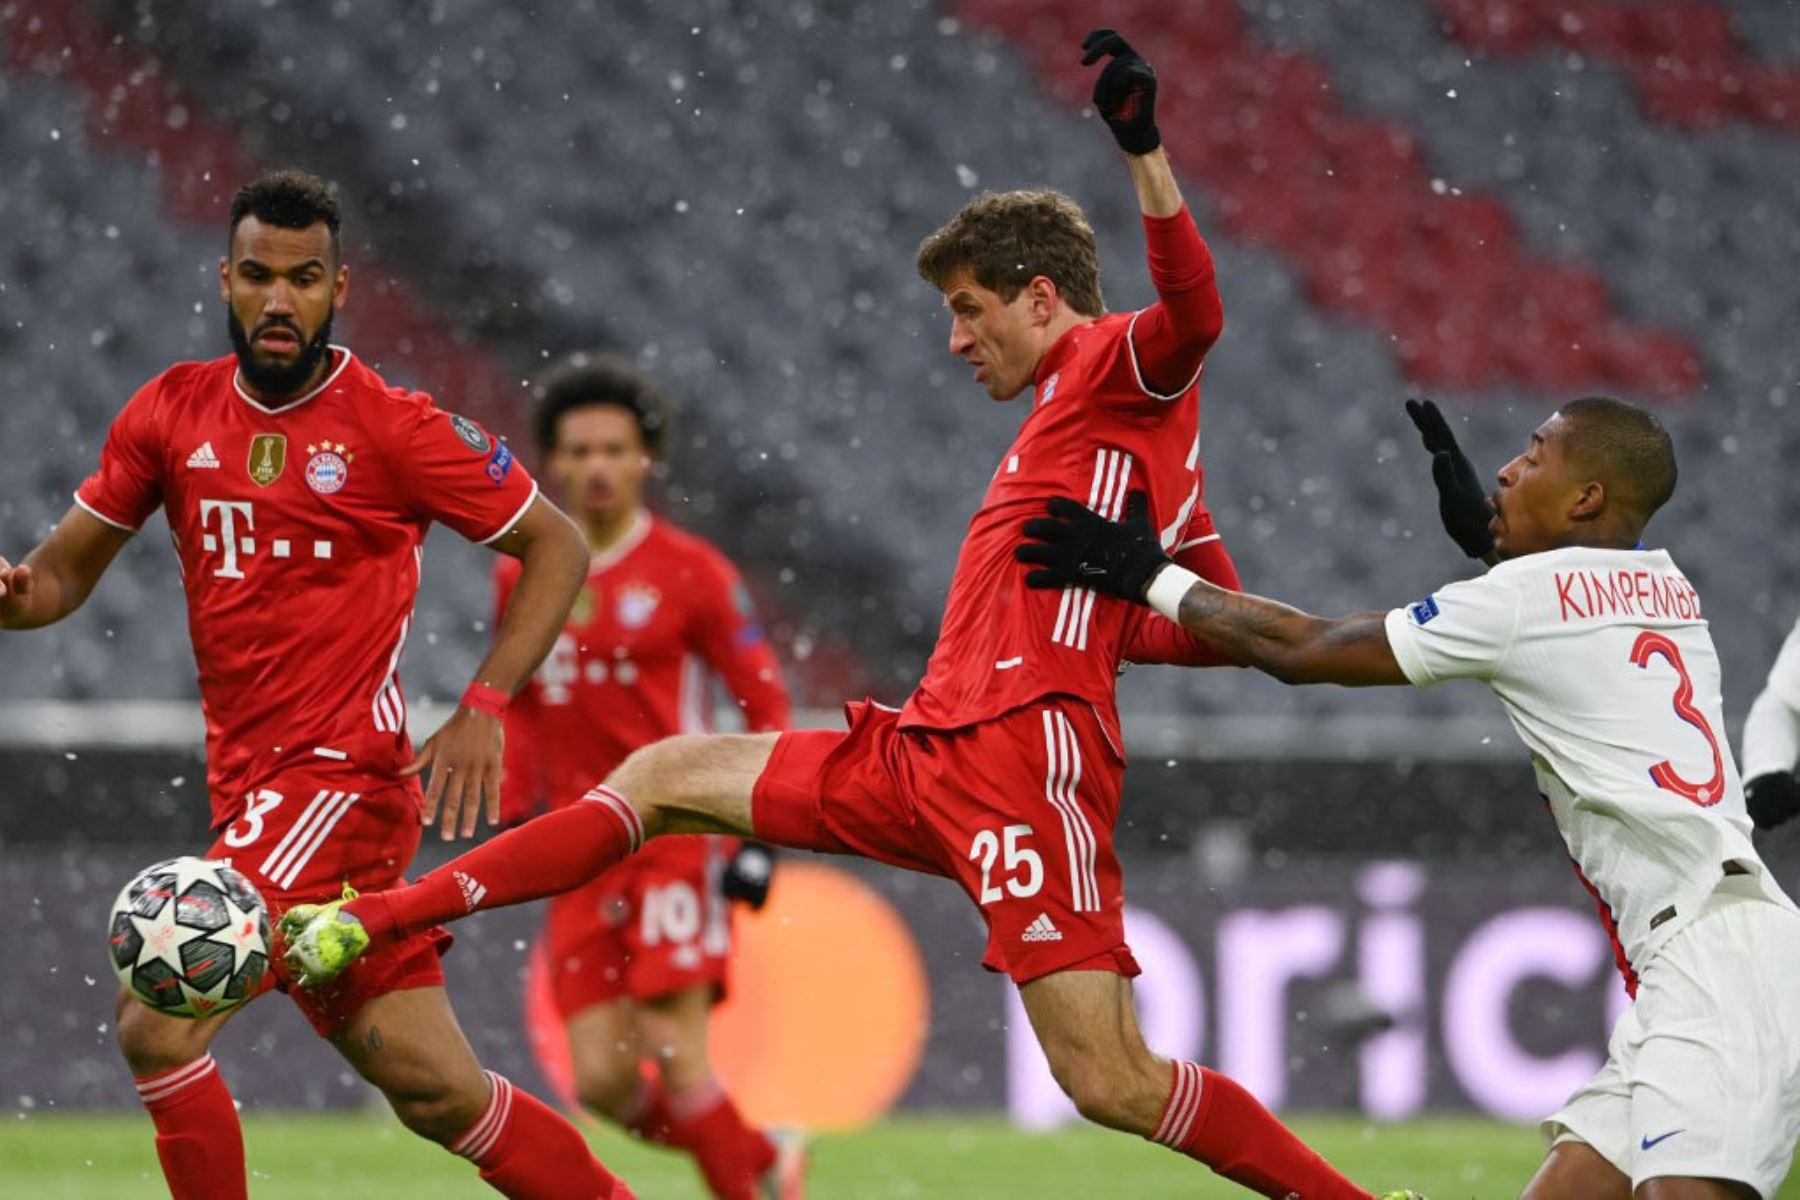 El delantero alemán del Bayern de Múnich Thomas Mueller (C) llega a la pelota por delante del defensor francés del Paris Saint-Germain Presnel Kimpembe (R) durante los cuartos de final de la Liga de Campeones de la UEFA de ida del partido de fútbol entre el FC Bayern de Múnich y el Paris Saint-Germain.  Foto:AFP